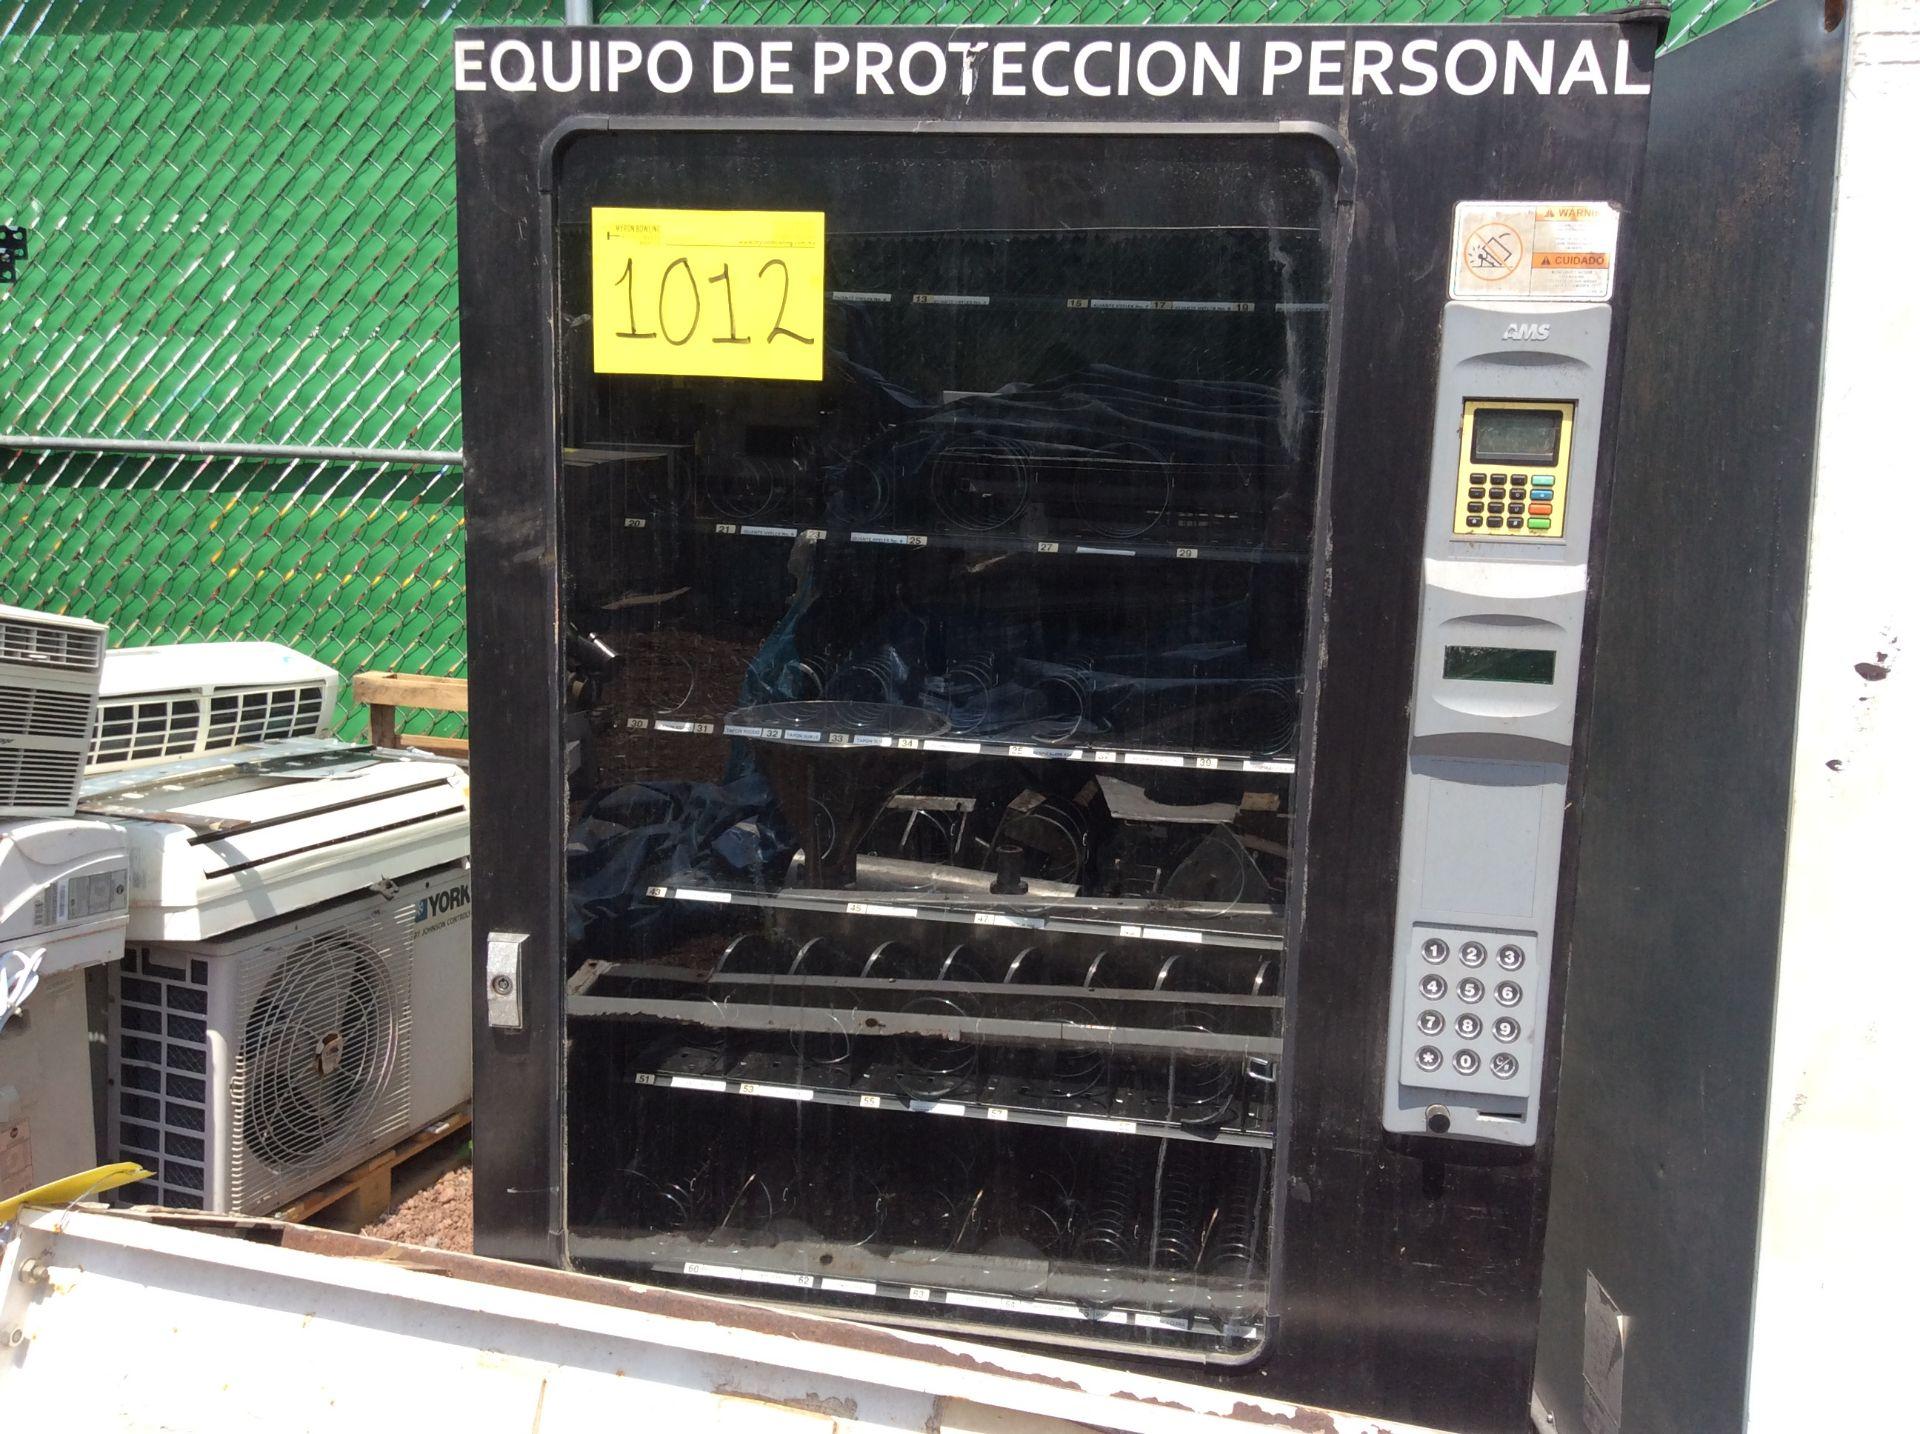 1 AMS Vending machine, 1 Hobart dishwasher - Image 5 of 11